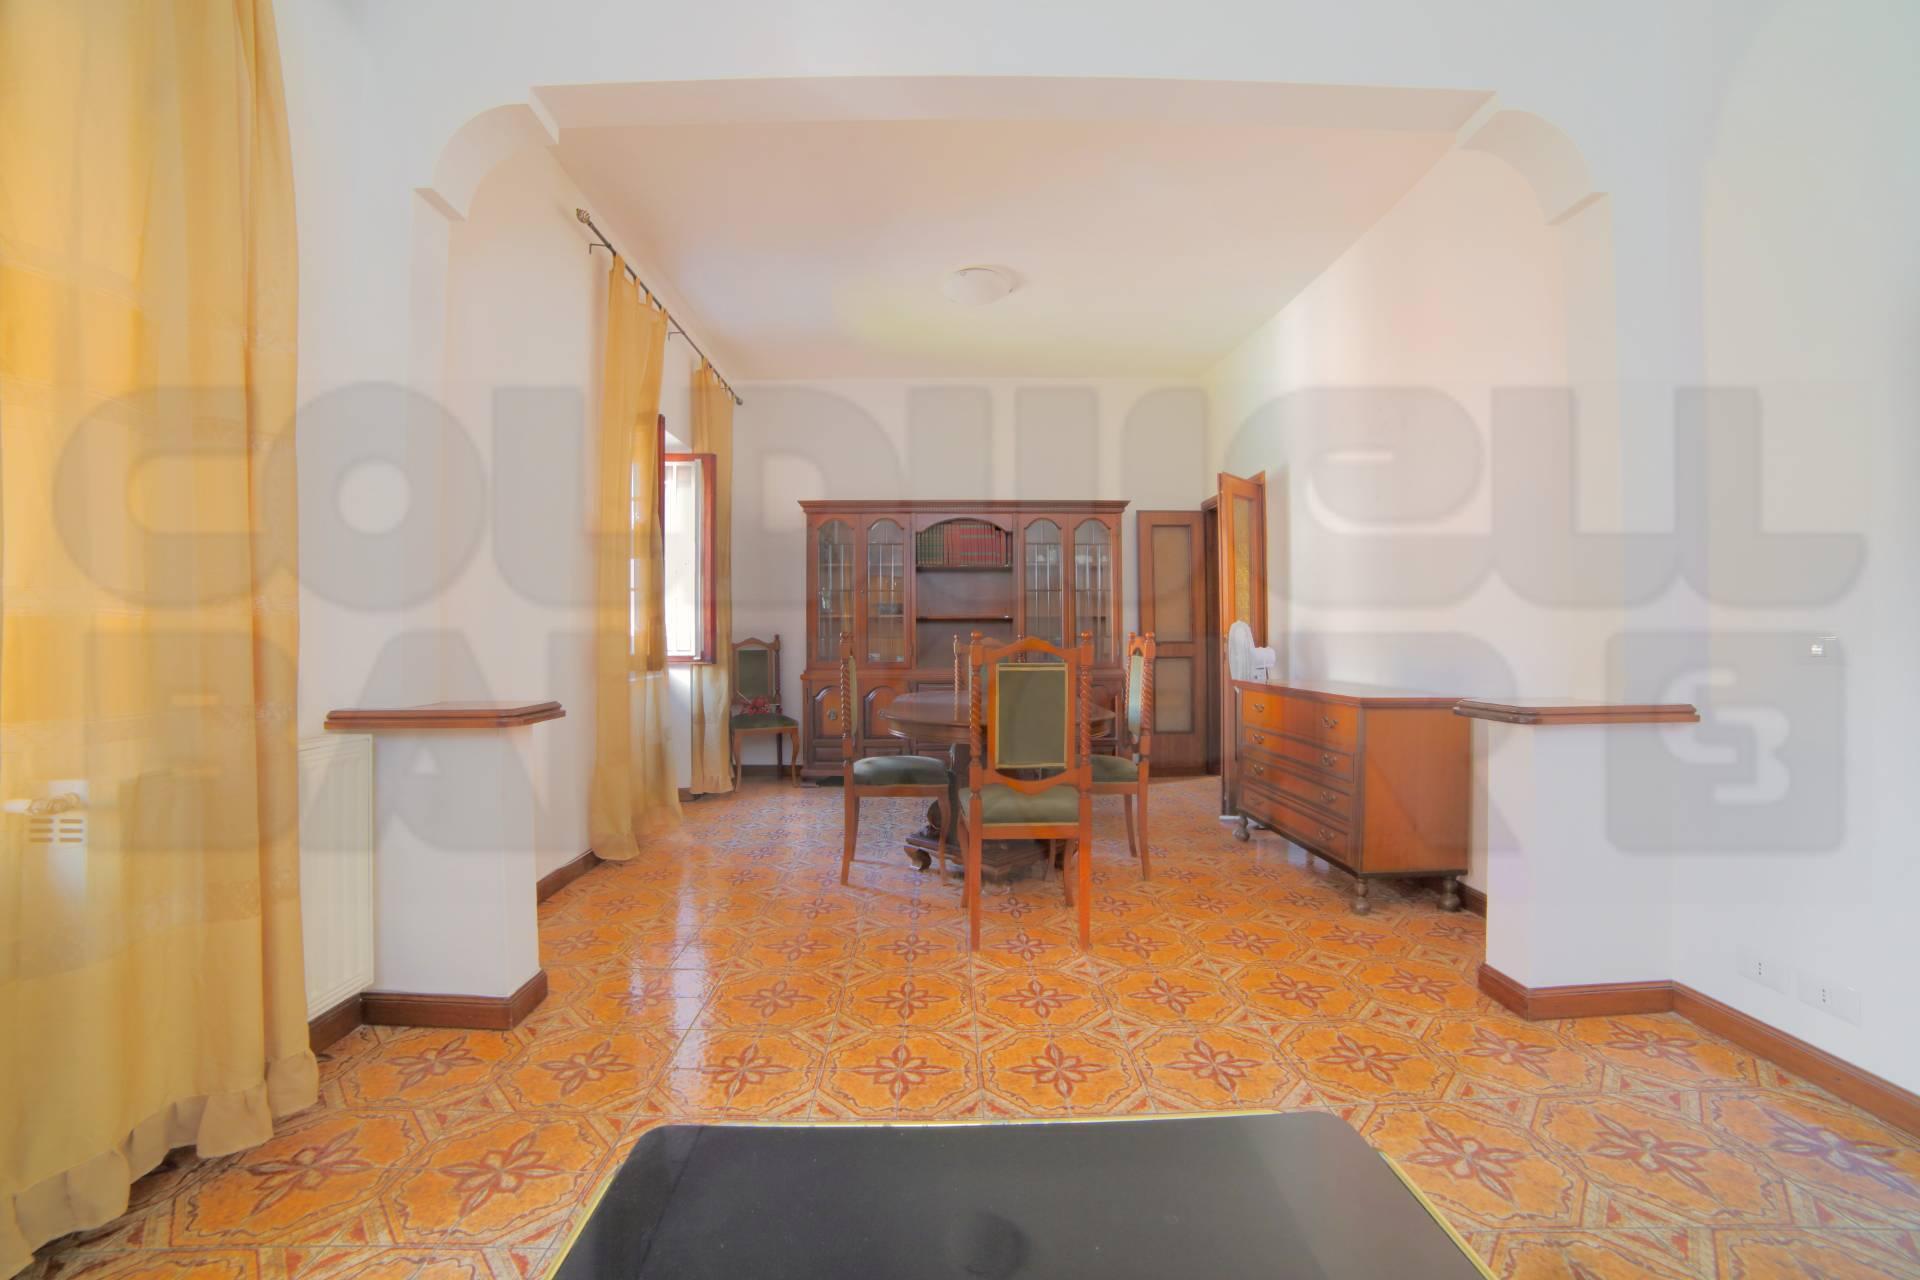 Appartamento in vendita a Roma, 4 locali, zona Zona: 42 . Cassia - Olgiata, prezzo € 259.000   CambioCasa.it